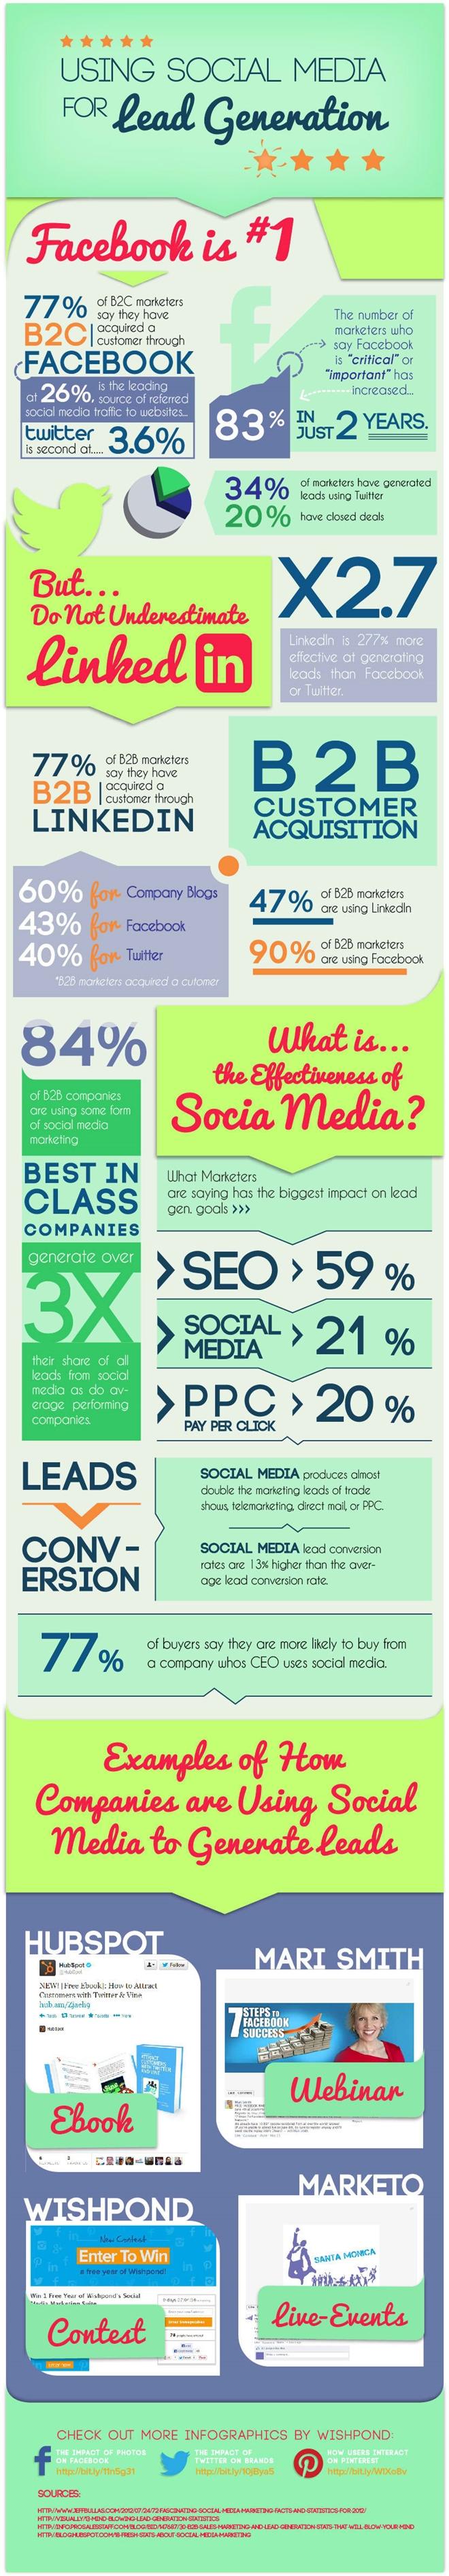 Lead generation, social media,